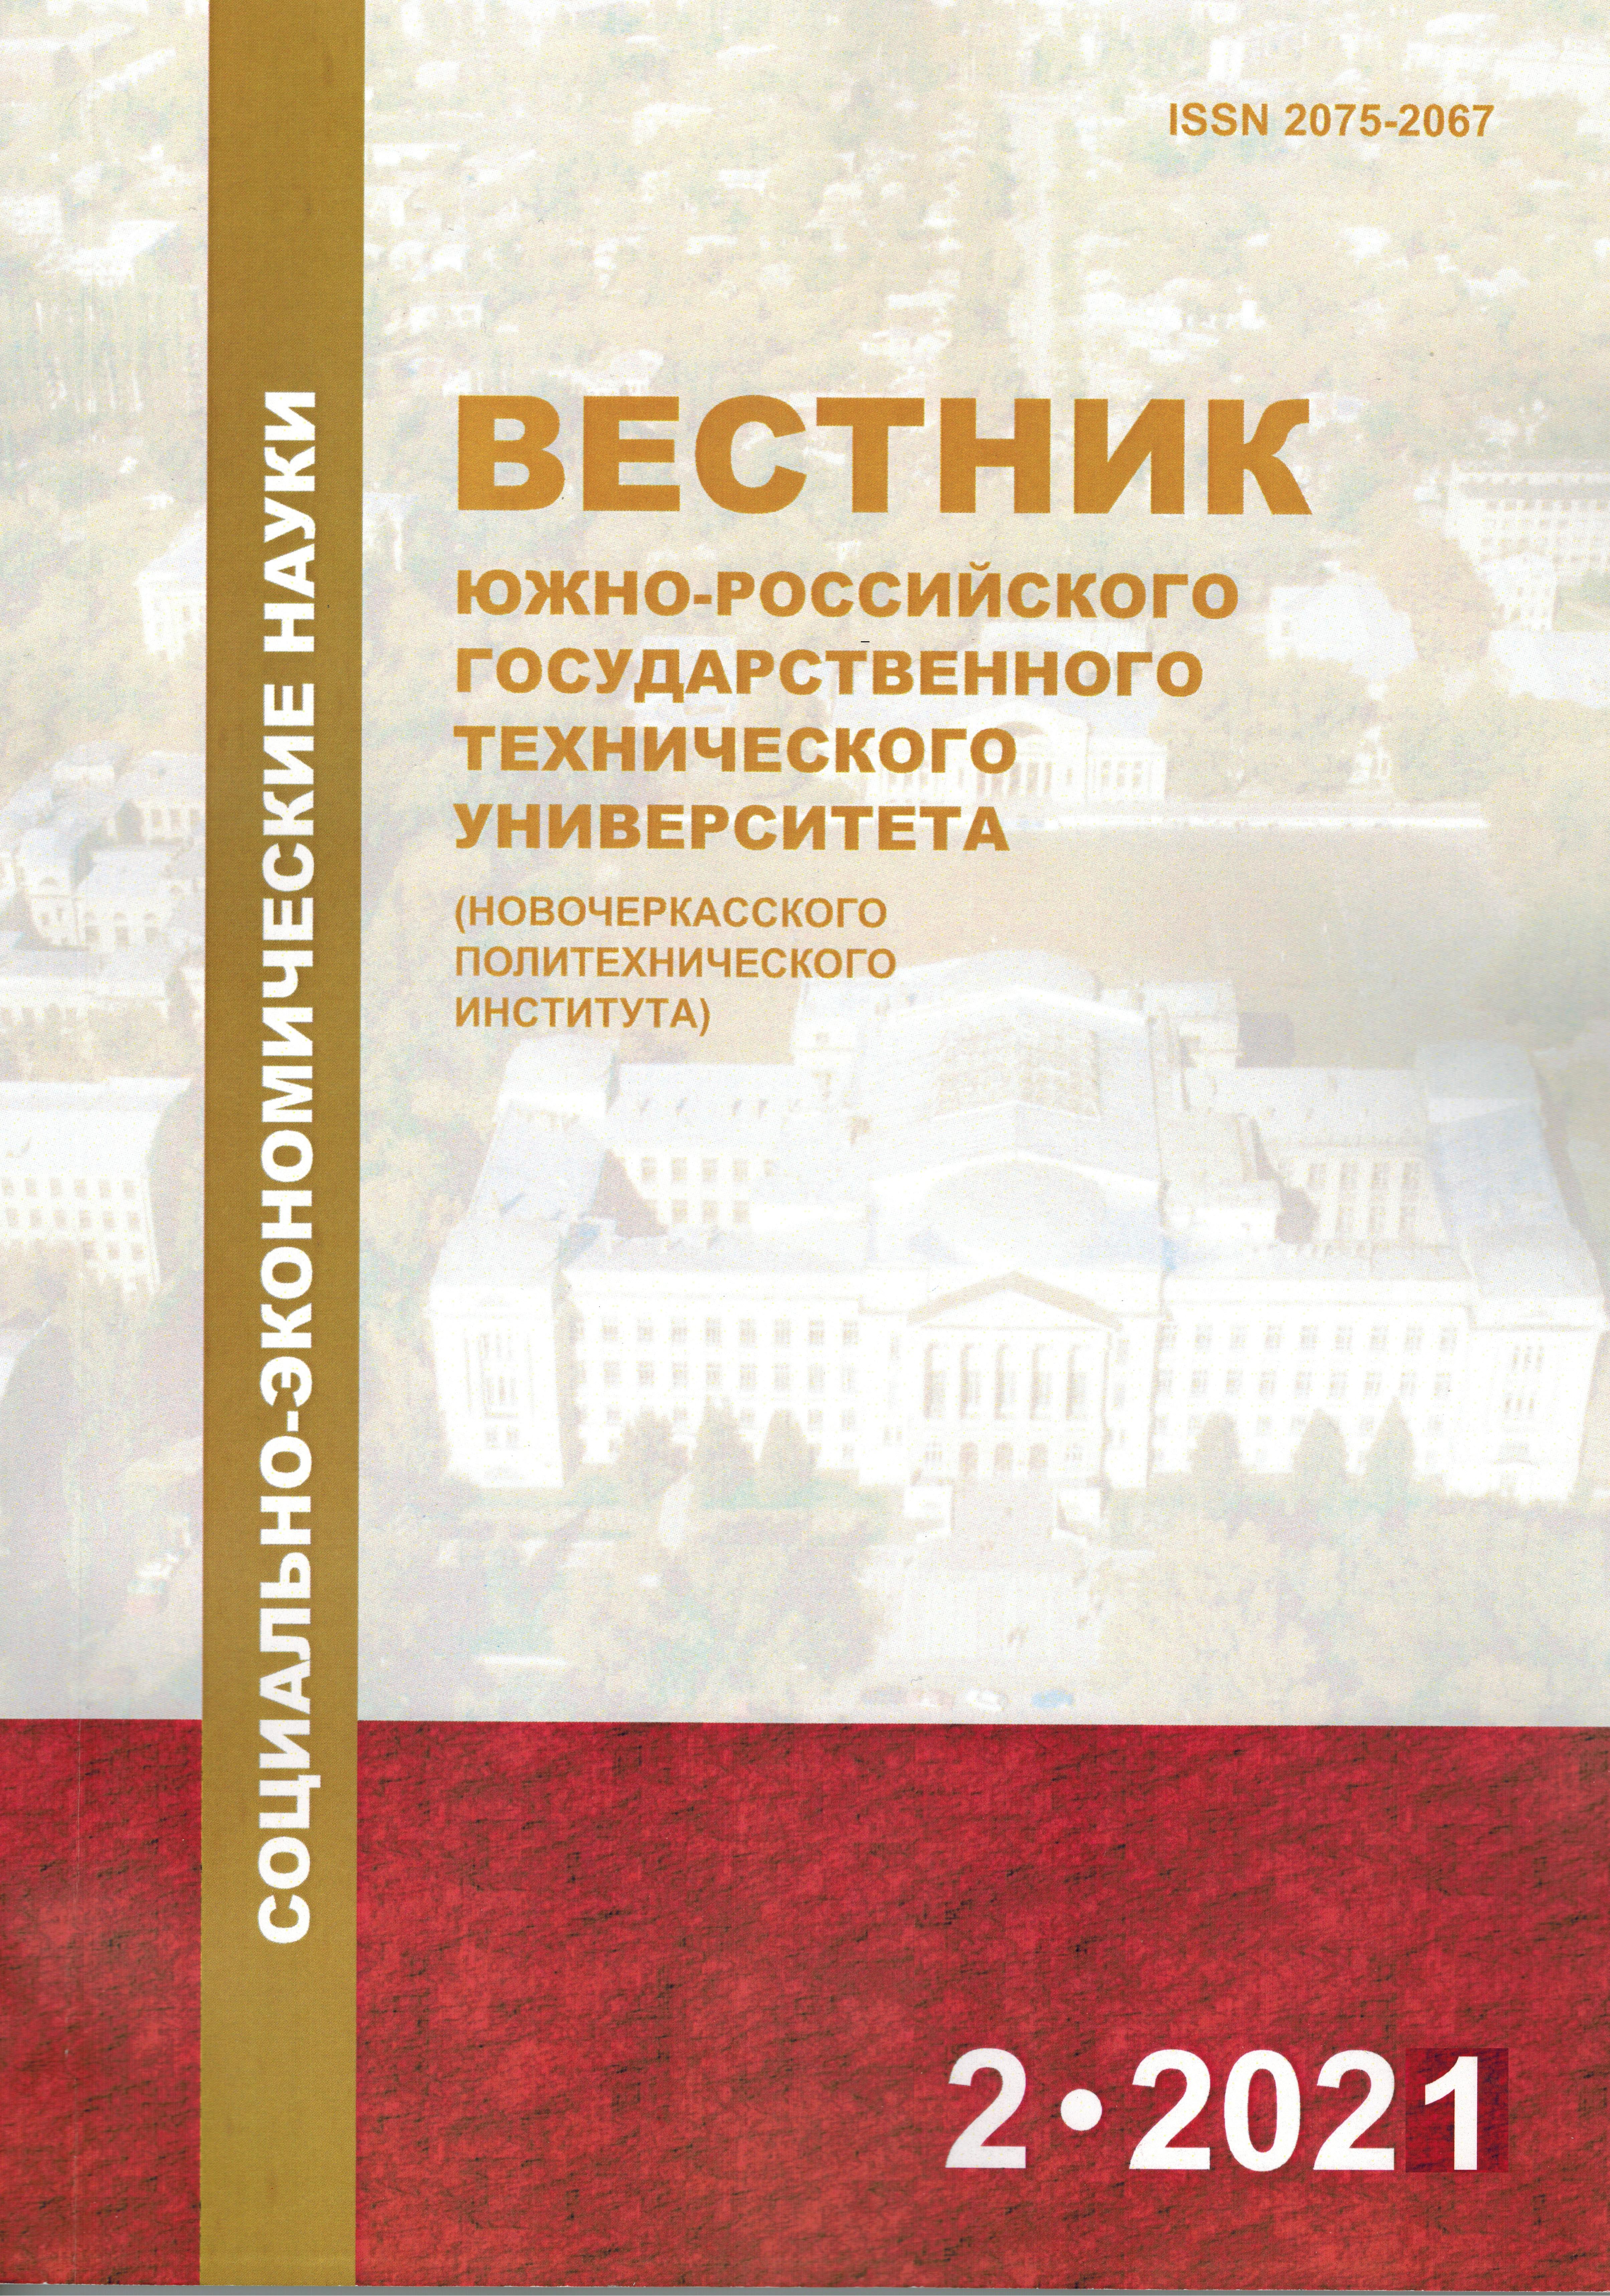 Показать Том 14 № 2 (2021): Социально-демографический потенциал российской молодежи